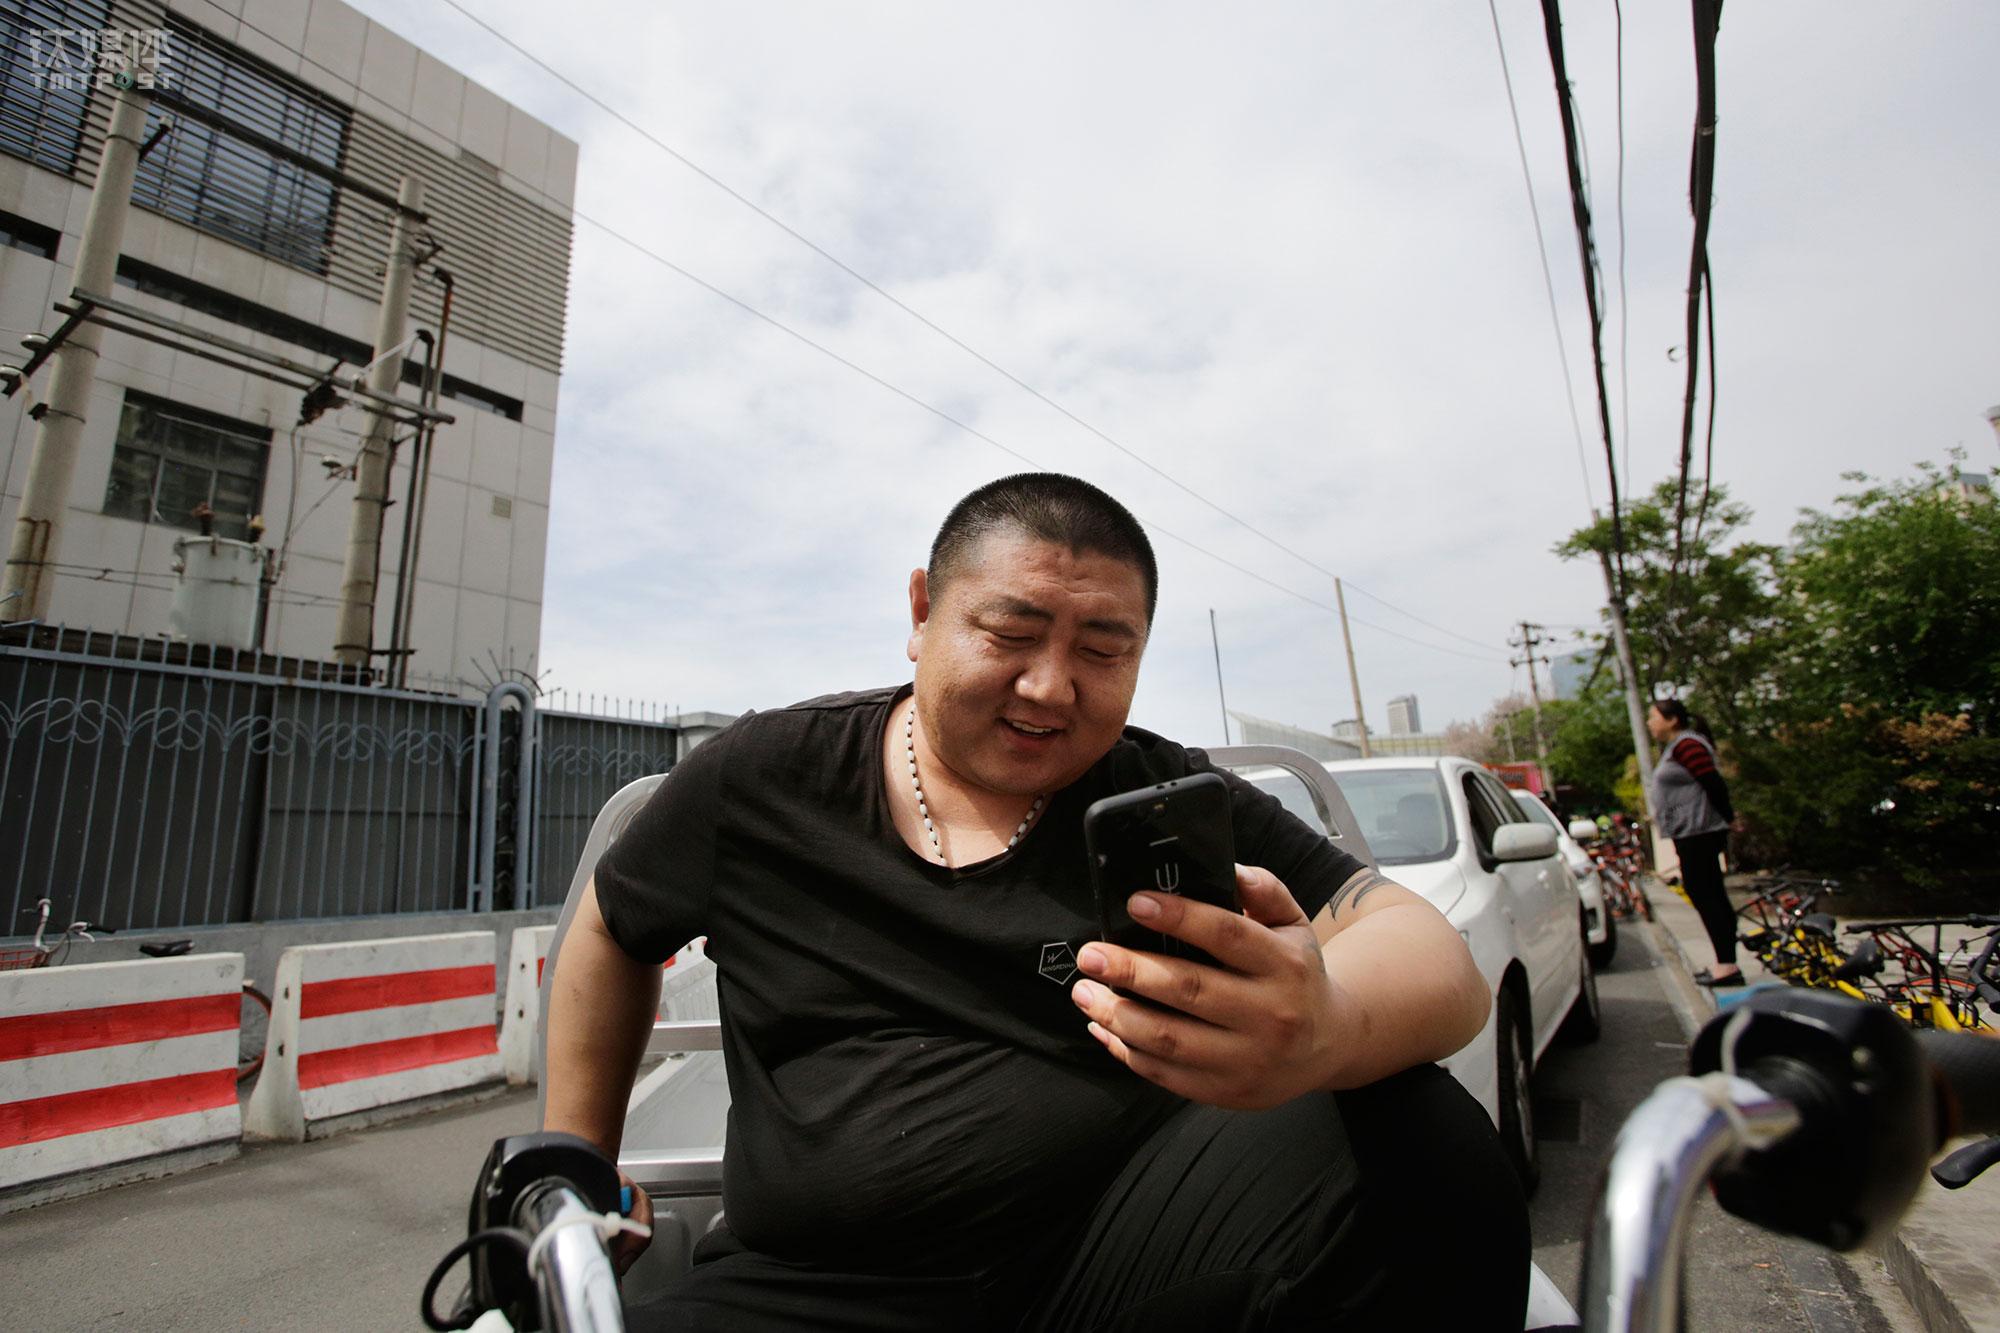 """工作间隙,大强接到老婆的微信视频电话。大强来北京打工,他老婆带着3个孩子在山东老家。他的大儿子11岁,两个小儿子是双胞胎,三个孩子都在山东老家。最近最小的儿子生病了,夫妻俩在微信电话里商量着怎么给孩子看病。""""我回家也方便,开车回去4个小时,想家了就回去看看,或者周六日让孩子到北京玩"""",大强告诉钛媒体《在线》。"""